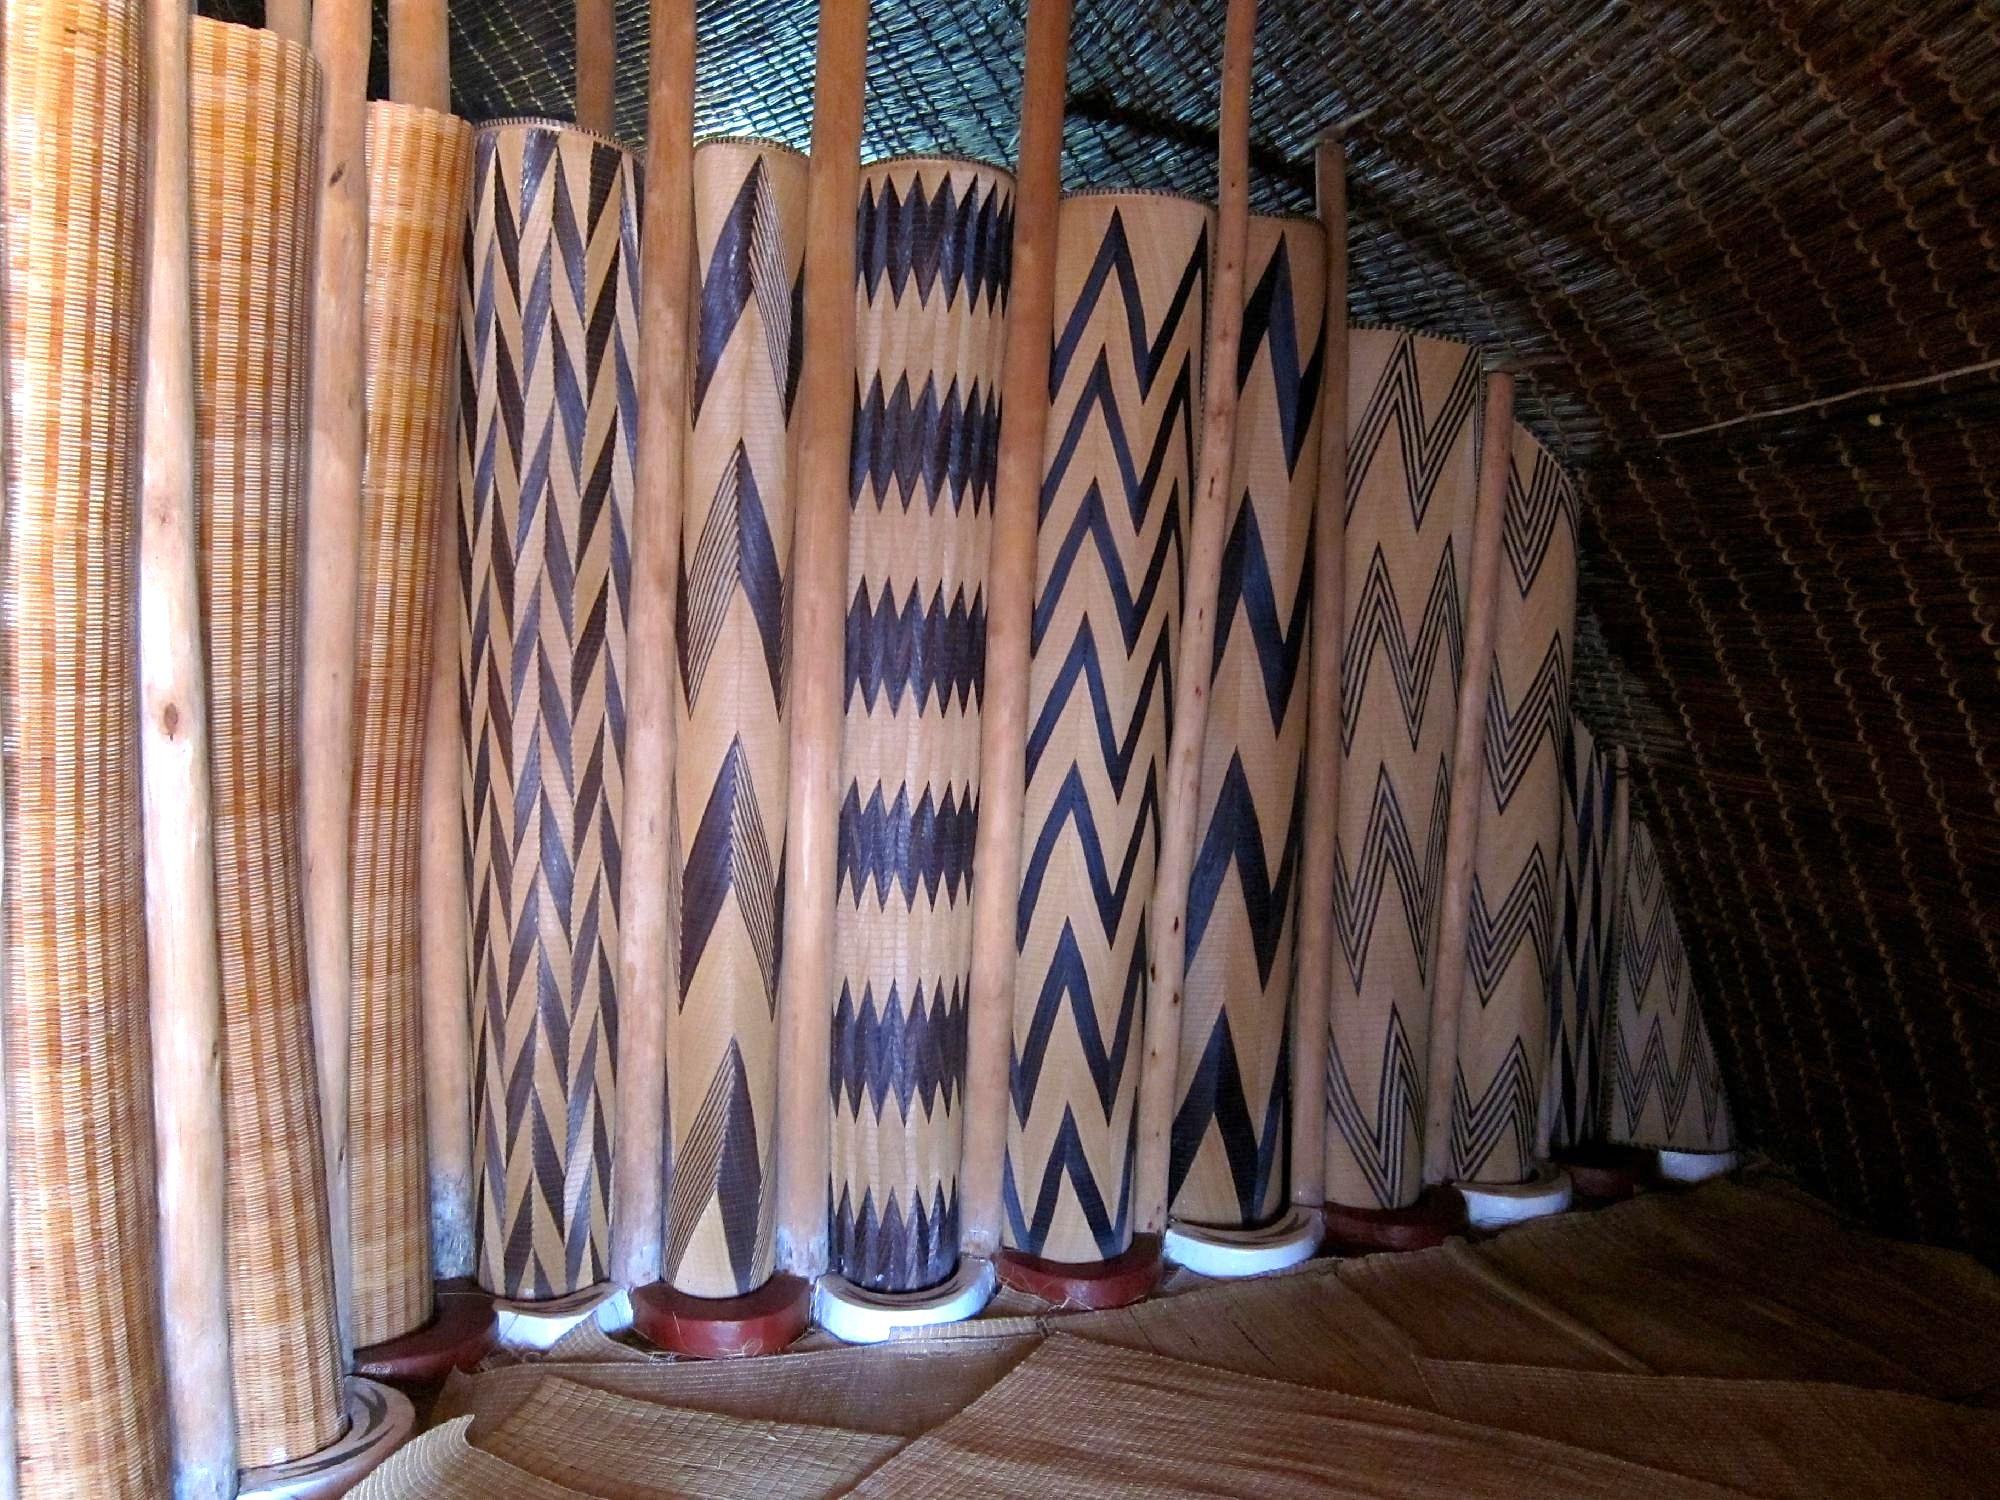 Mwami Palace Insika screens